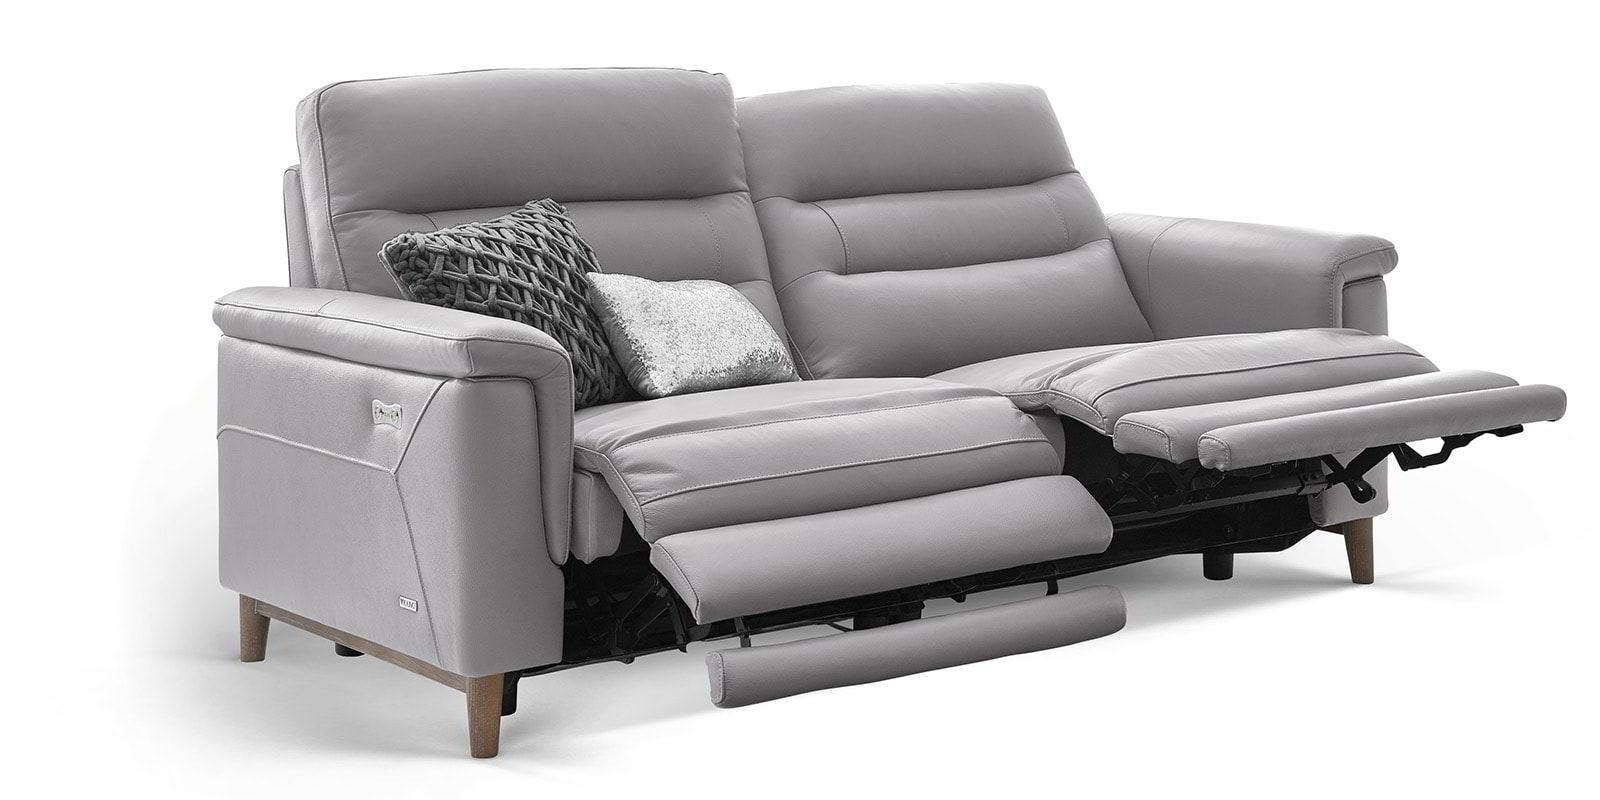 Full Size of Sofa Mit Relaxfunktion Elektrisch 2 5 Sitzer Couch Verstellbar Test Leder 3 Echtleder Grau Madrid Motorische Verstellung Cassina Bett 160x200 Lattenrost Und Sofa Sofa Mit Relaxfunktion Elektrisch